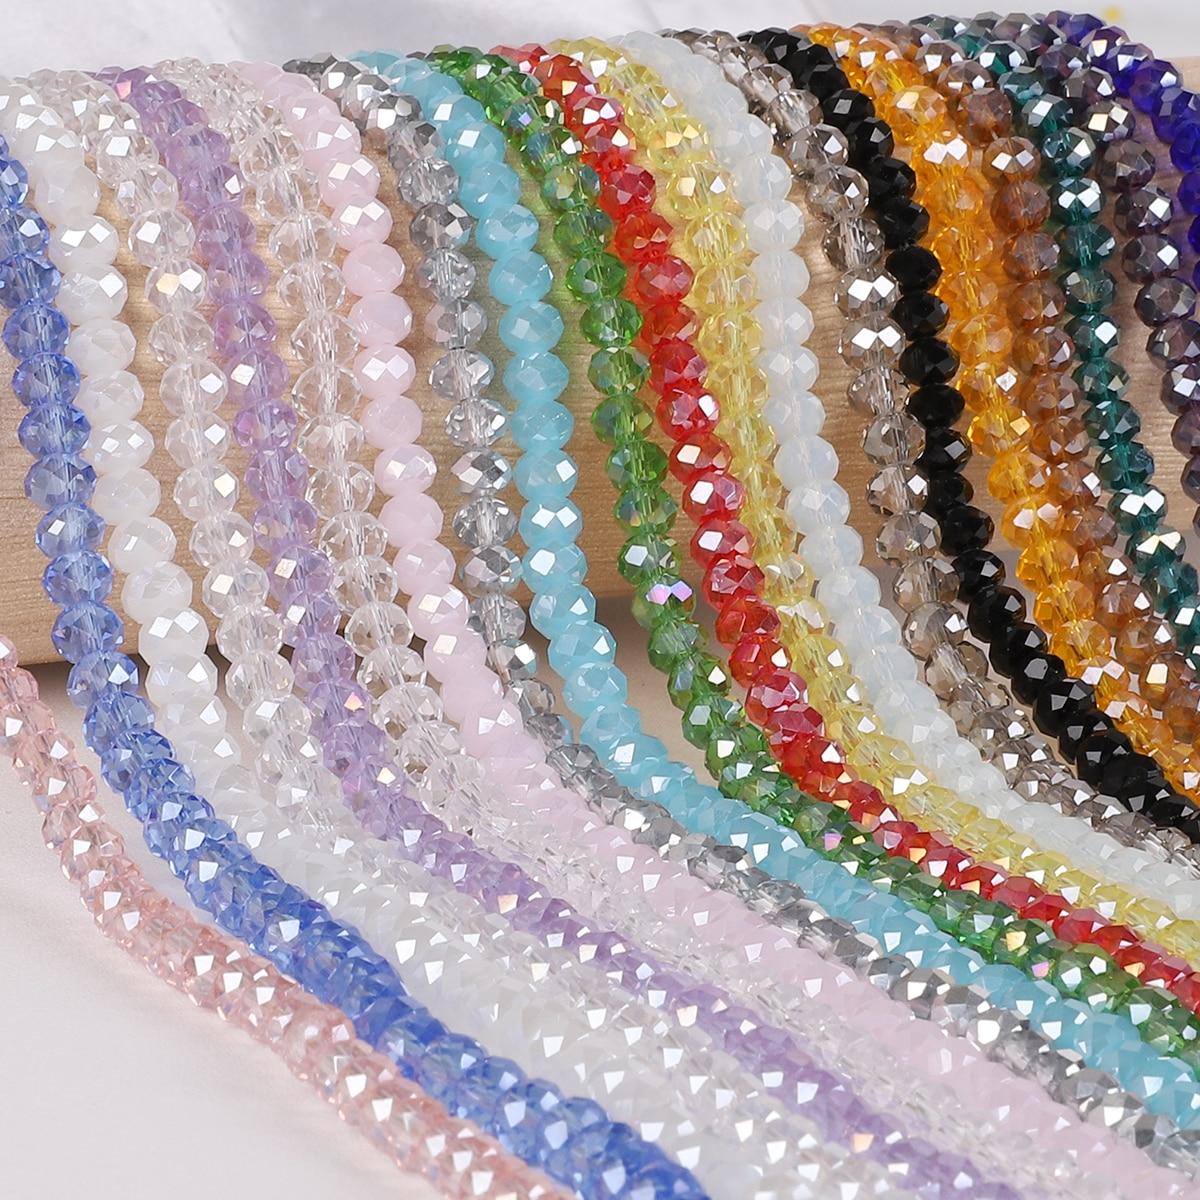 2 мм 3 мм 4 мм 6 мм 8 мм Rondelle австрийские кристаллические граненые бусины стеклянные бусины Свободные разделительные бусины для изготовления браслетов своими руками